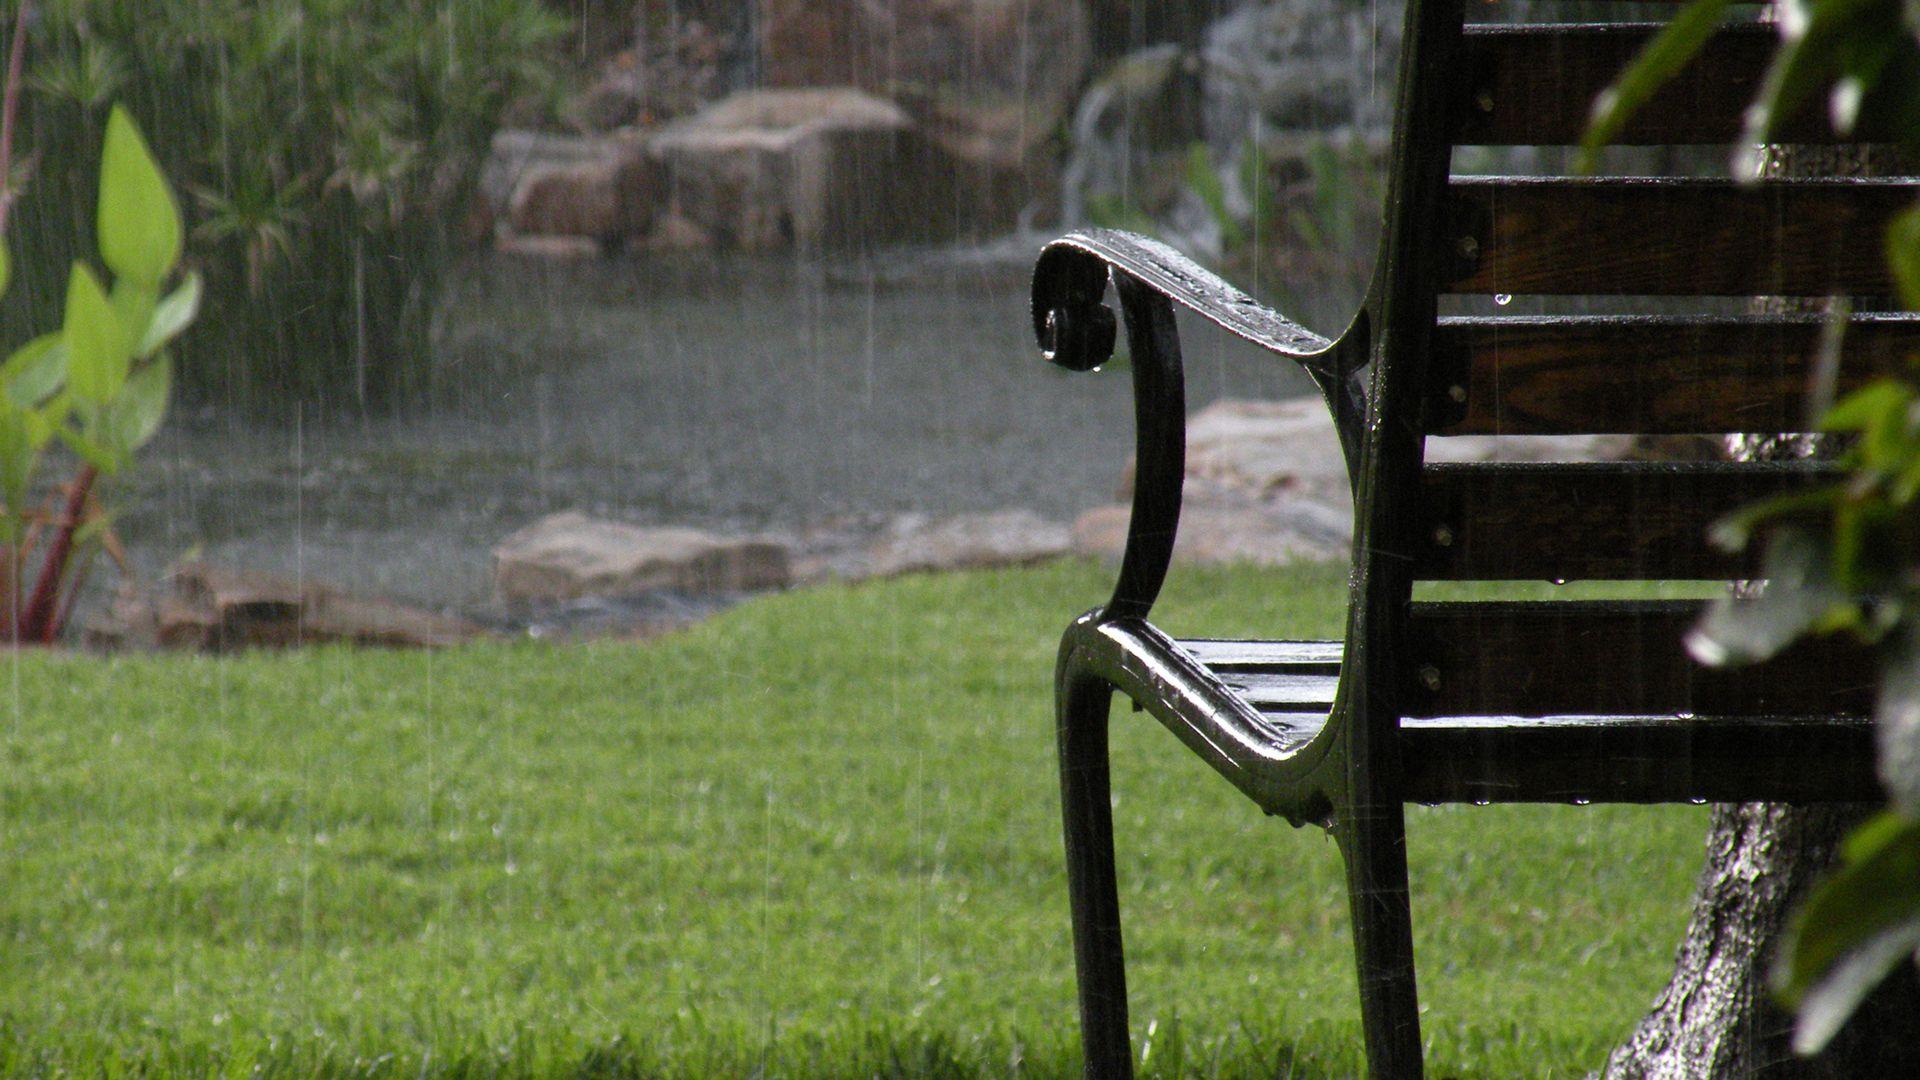 Llover en el jardín